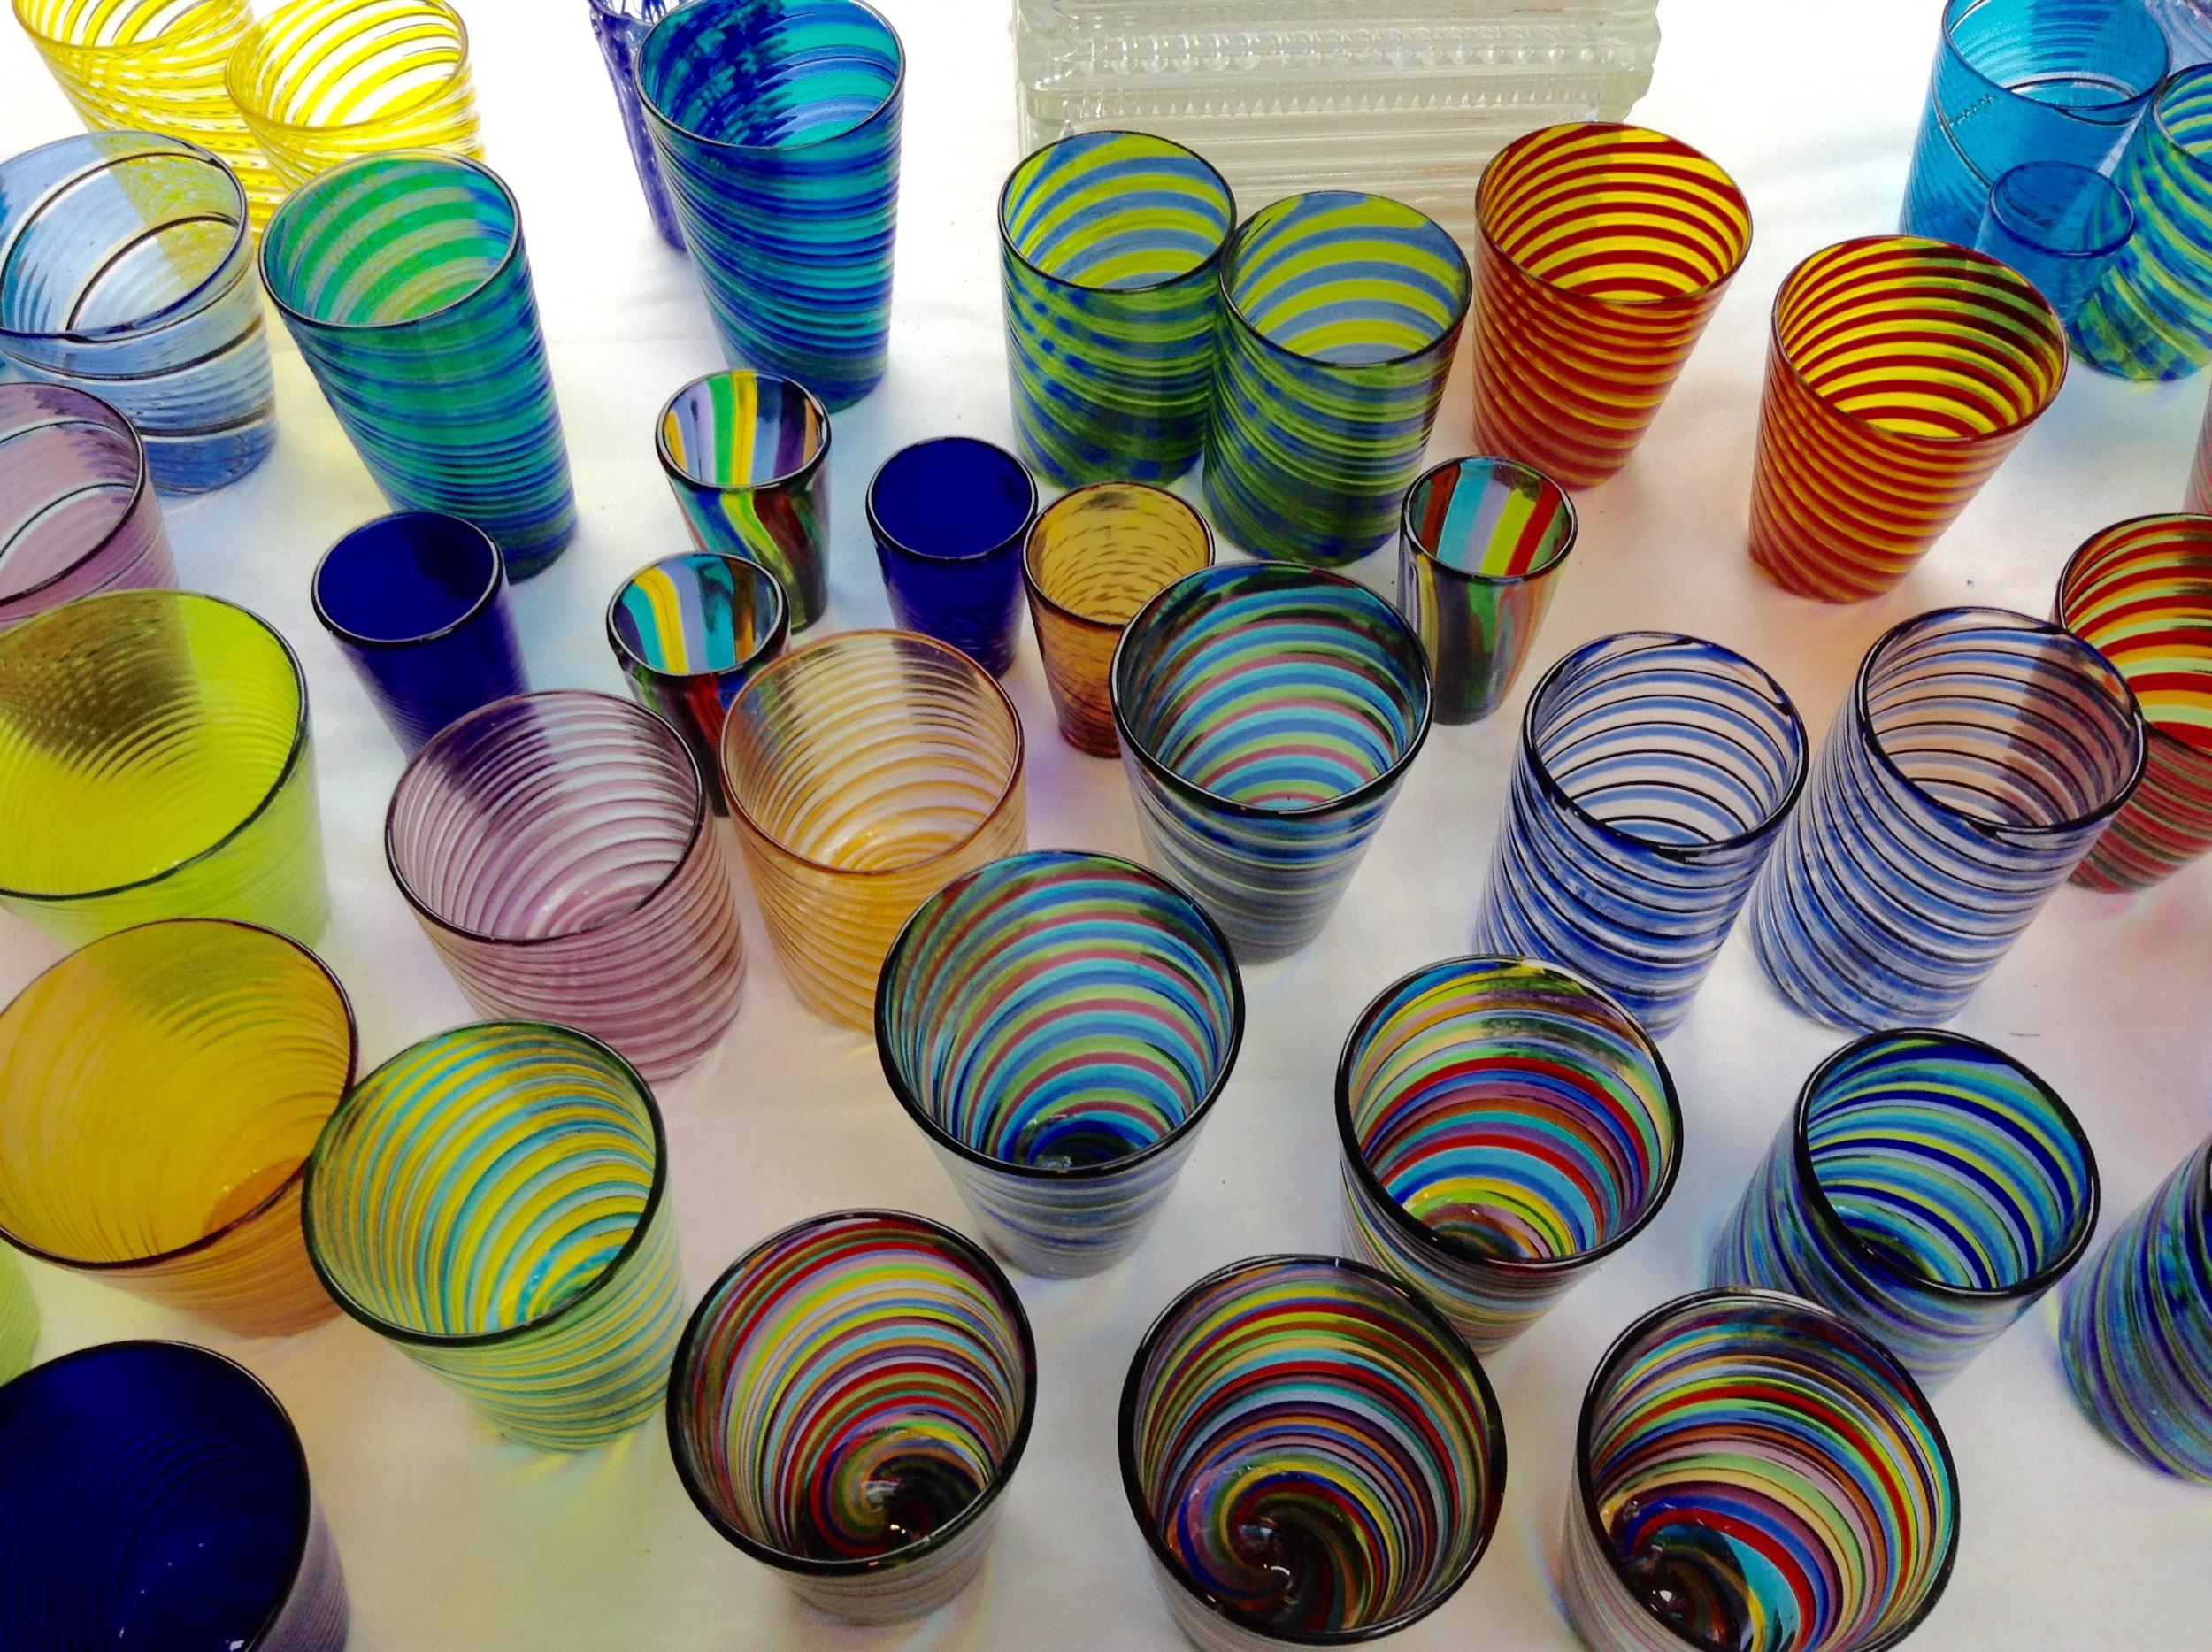 Olive-Glass_Italian-Art-Glass_Corrie-Haight_Lark-Dalton-20170326-8.jpg